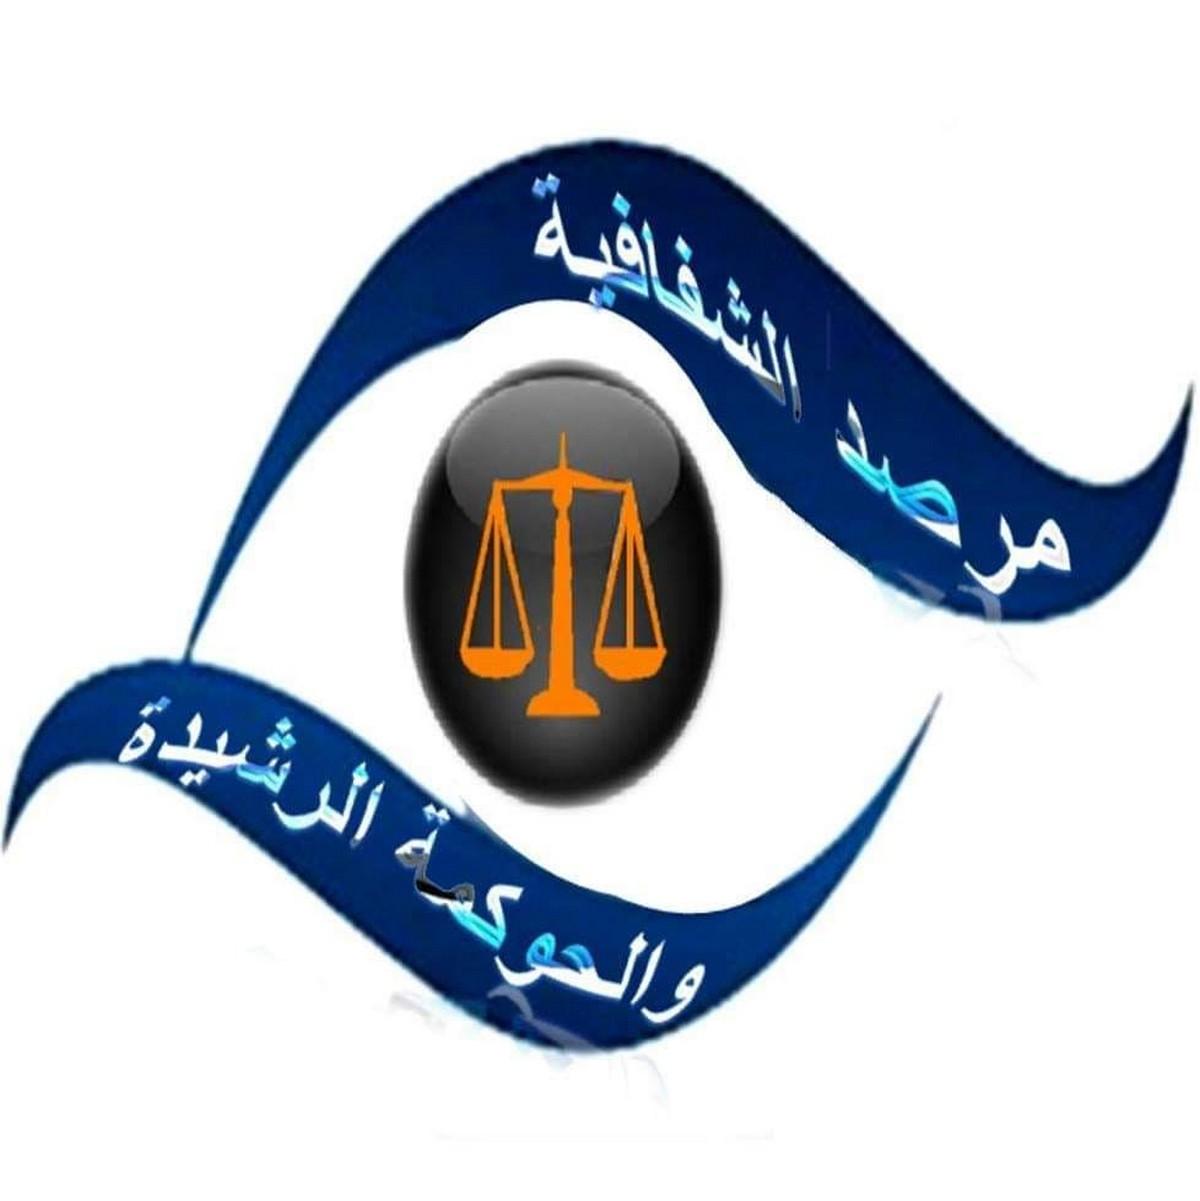 بخصوص دوس الدولة التونسية على مبادئ باريس وحقوق الإنسان